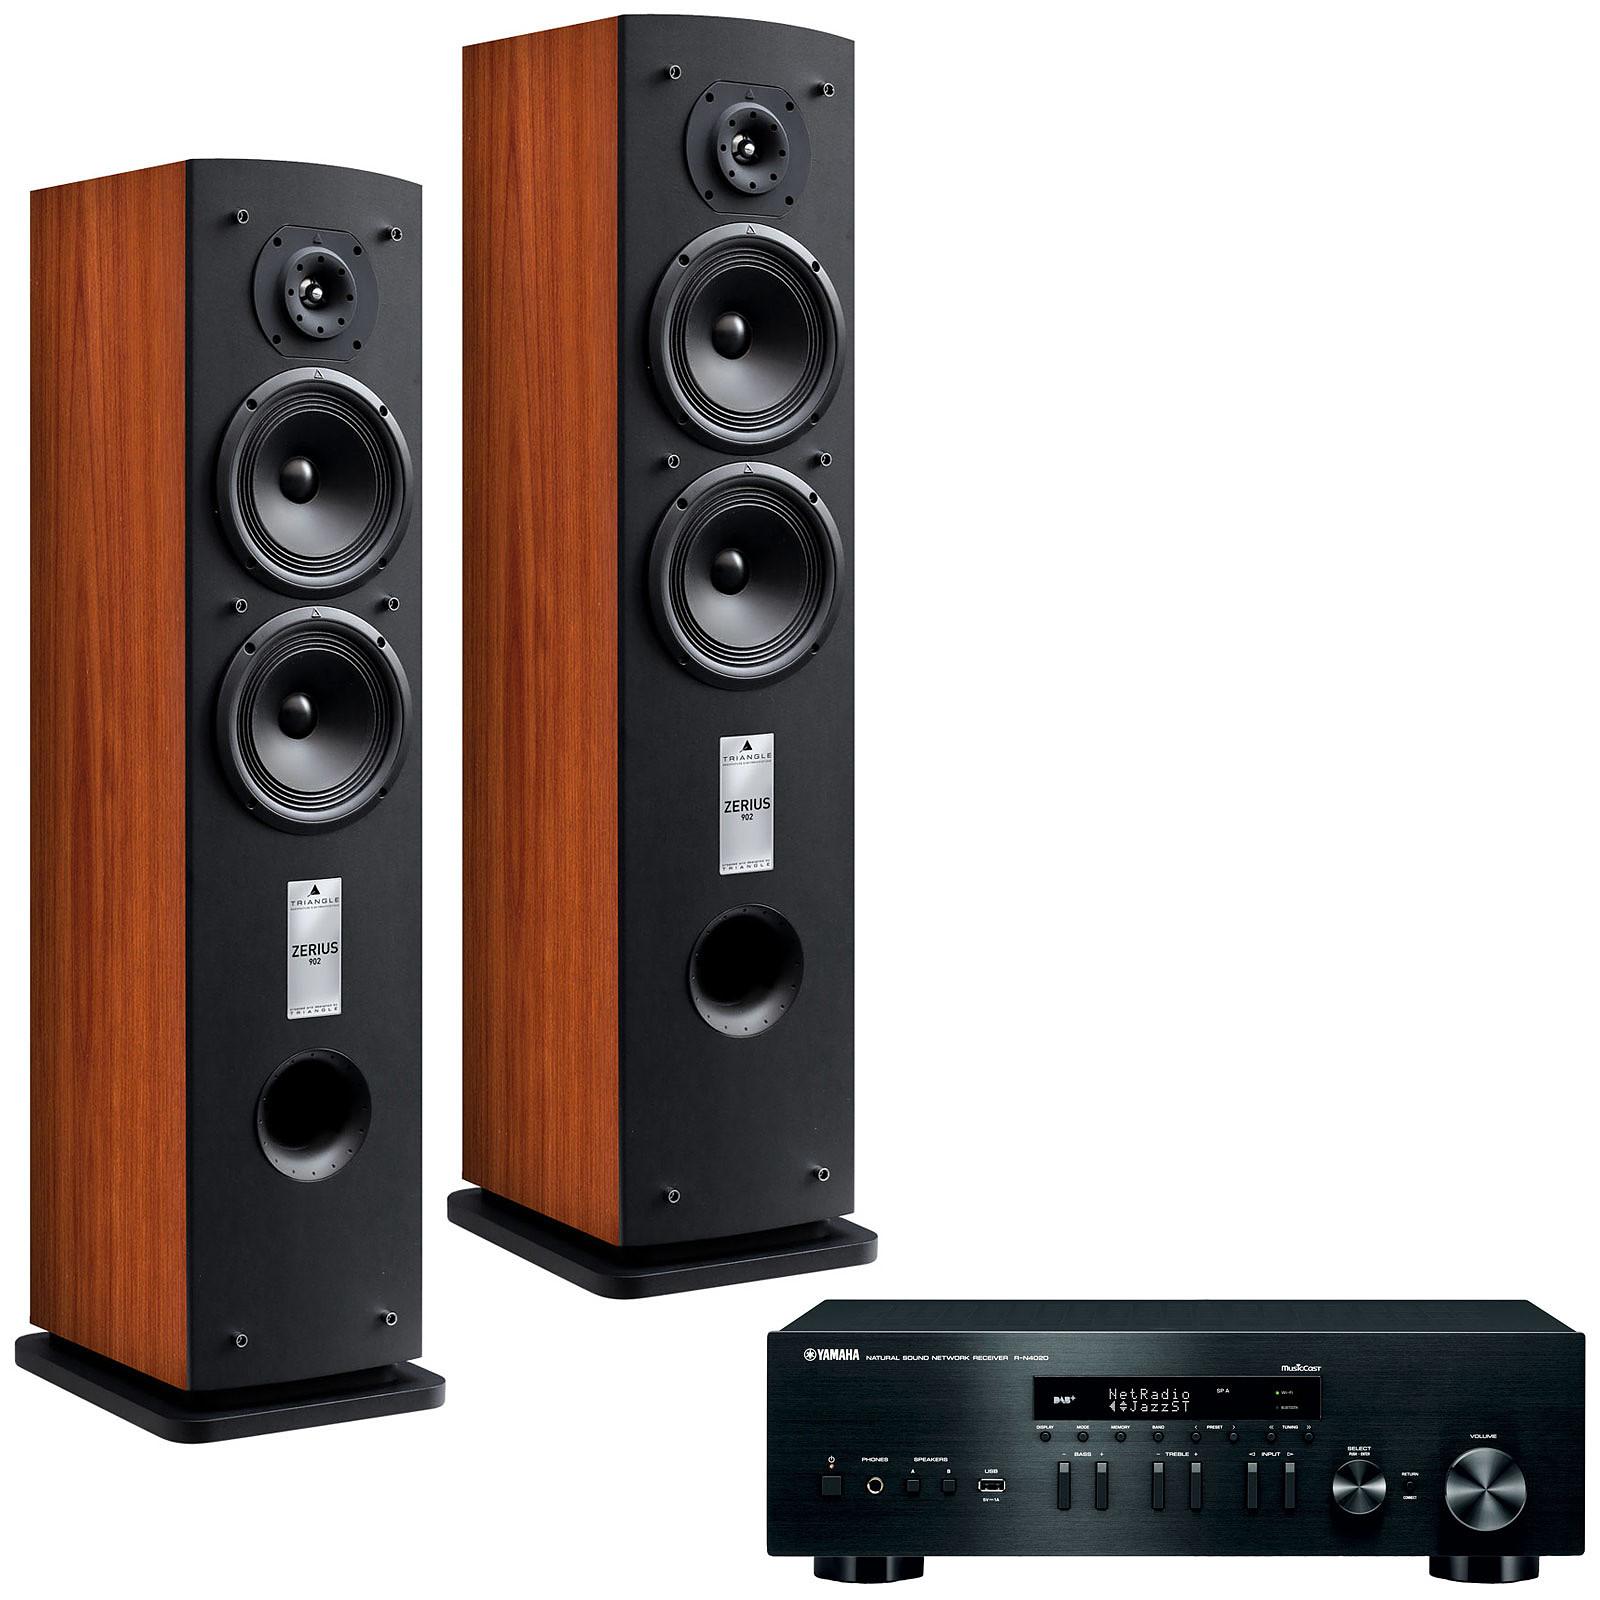 Yamaha MusicCast R-N402D Noir + Triangle Zerius 902 Cognac